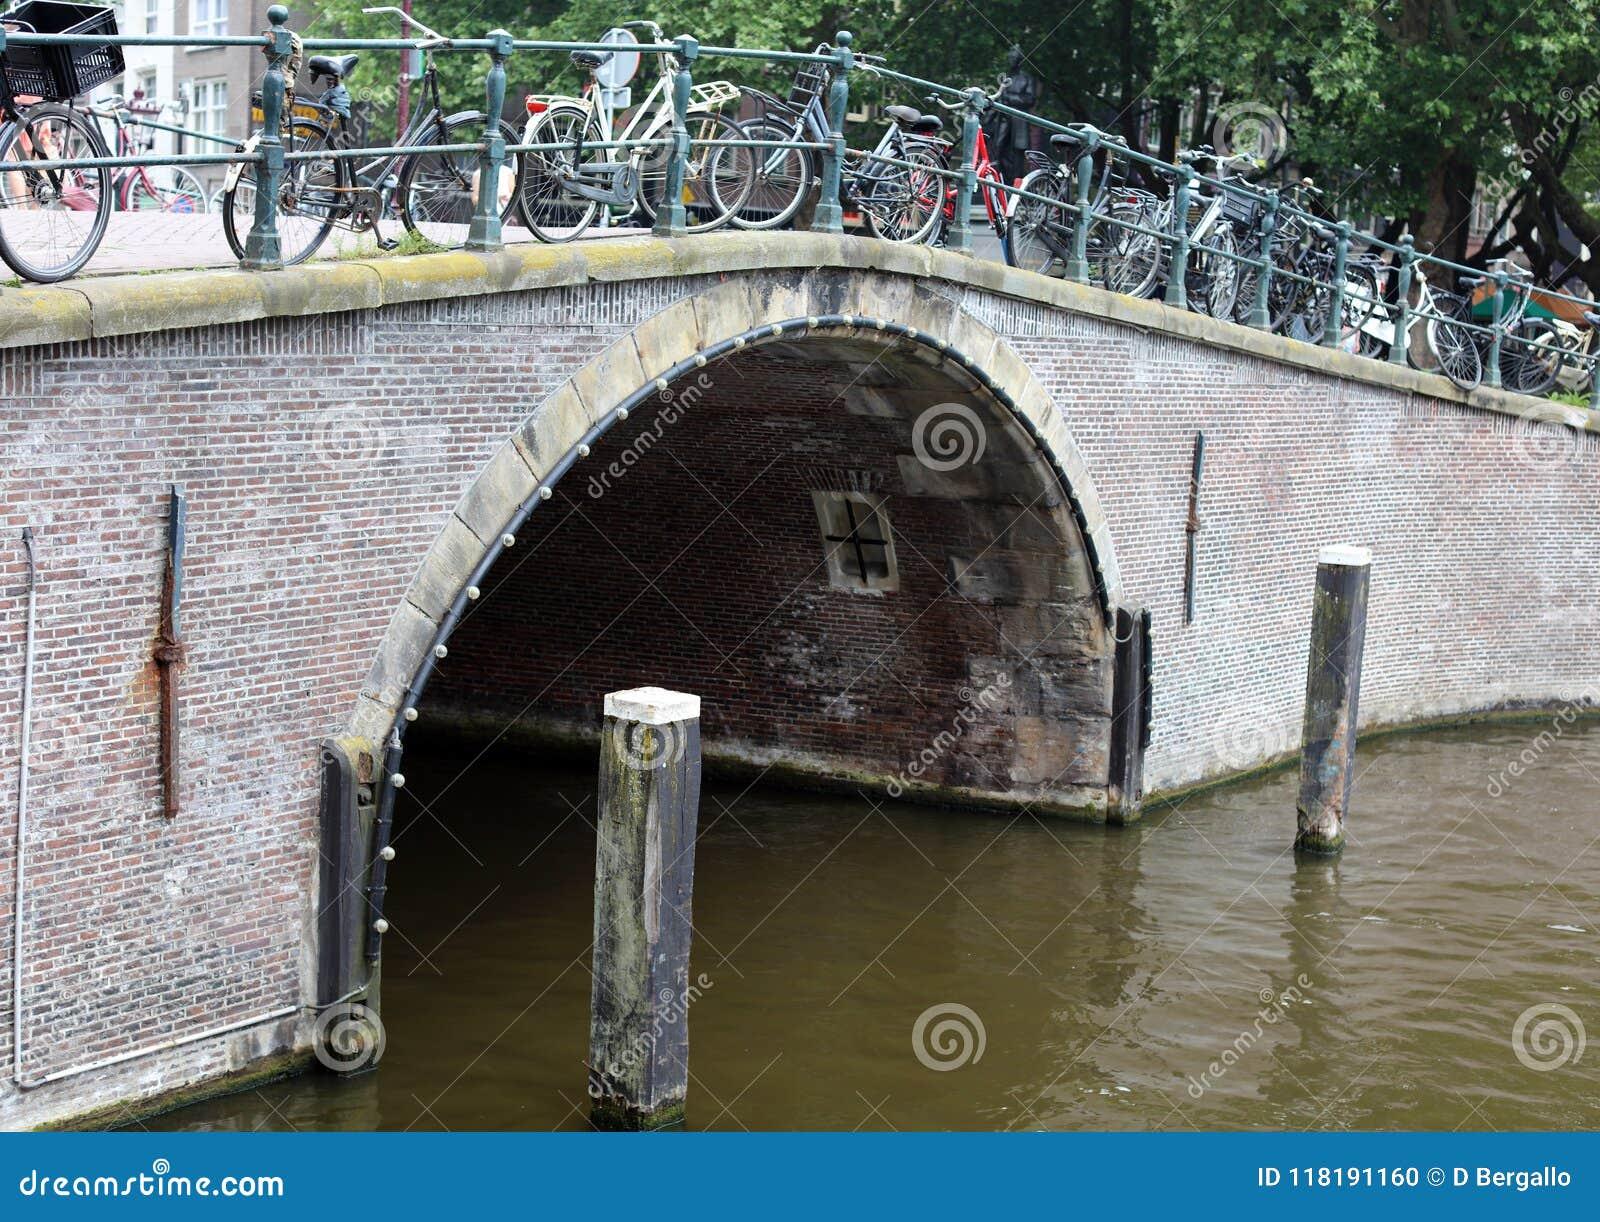 Amsterdão, os Países Baixos, canais da cidade, barcos, pontes e ruas Cidade europeia bonita e selvagem original